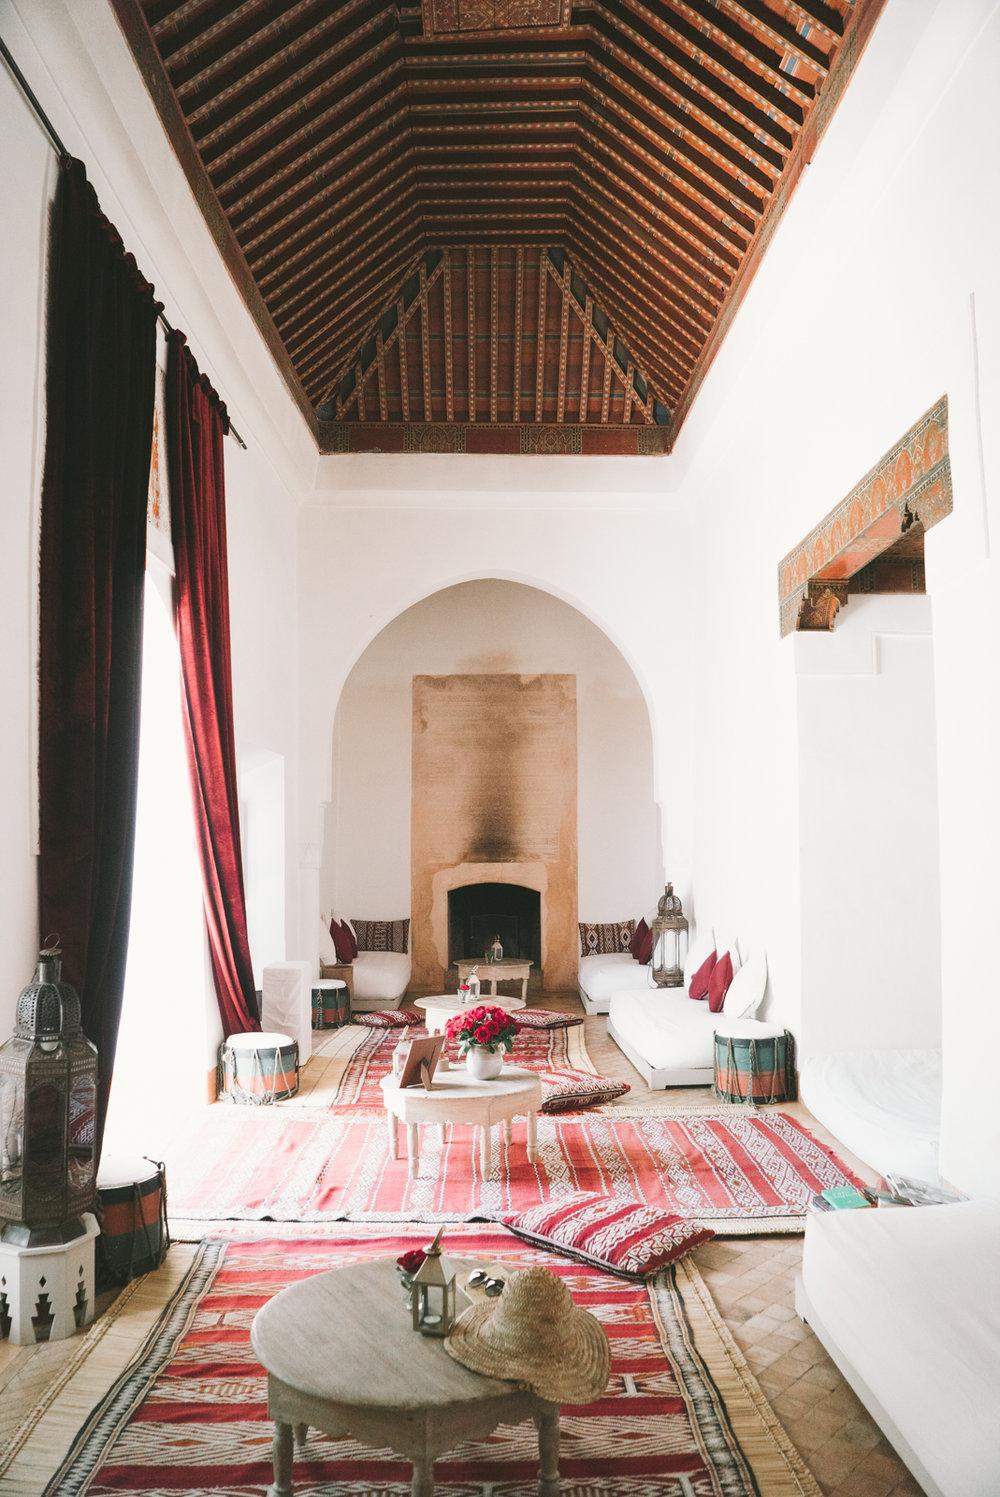 riad berbere marrakech morocco